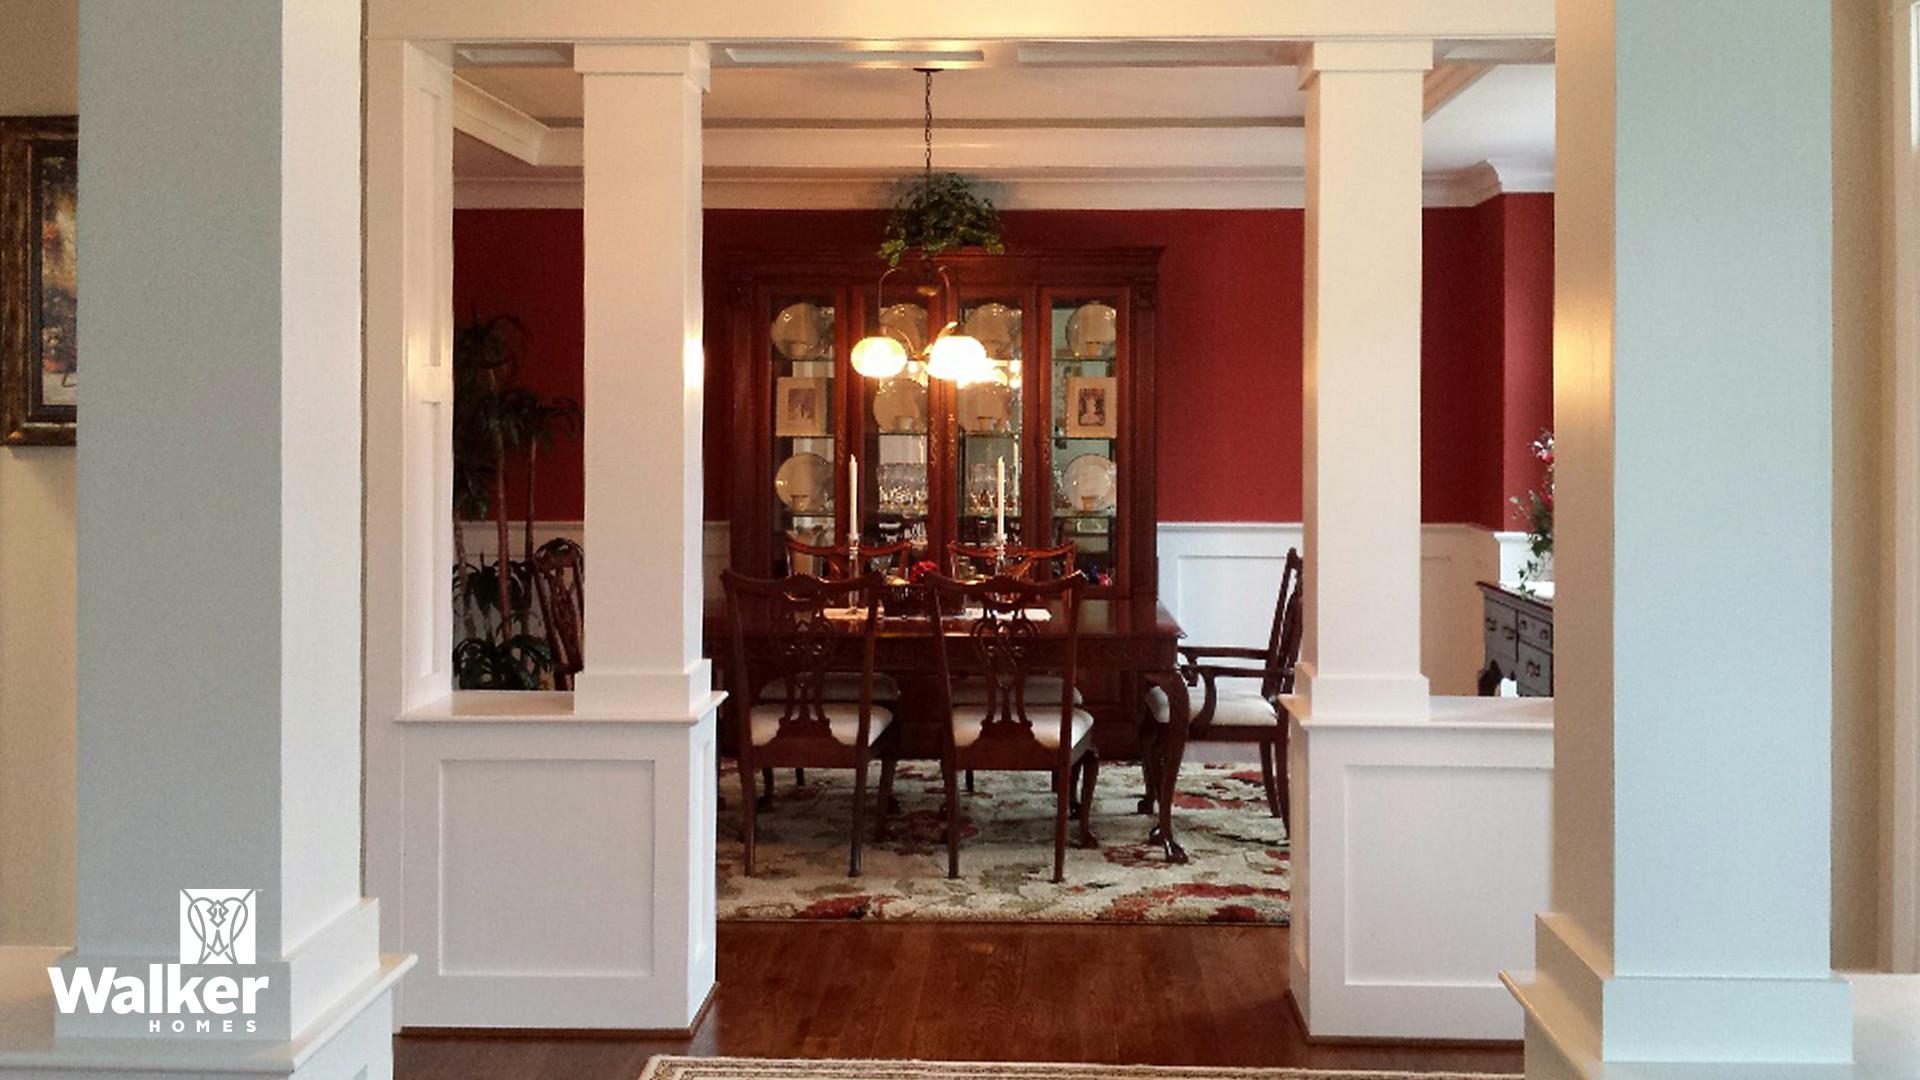 The Winstead II Dining Room by Walker Homes in Glen Allen, Virginia